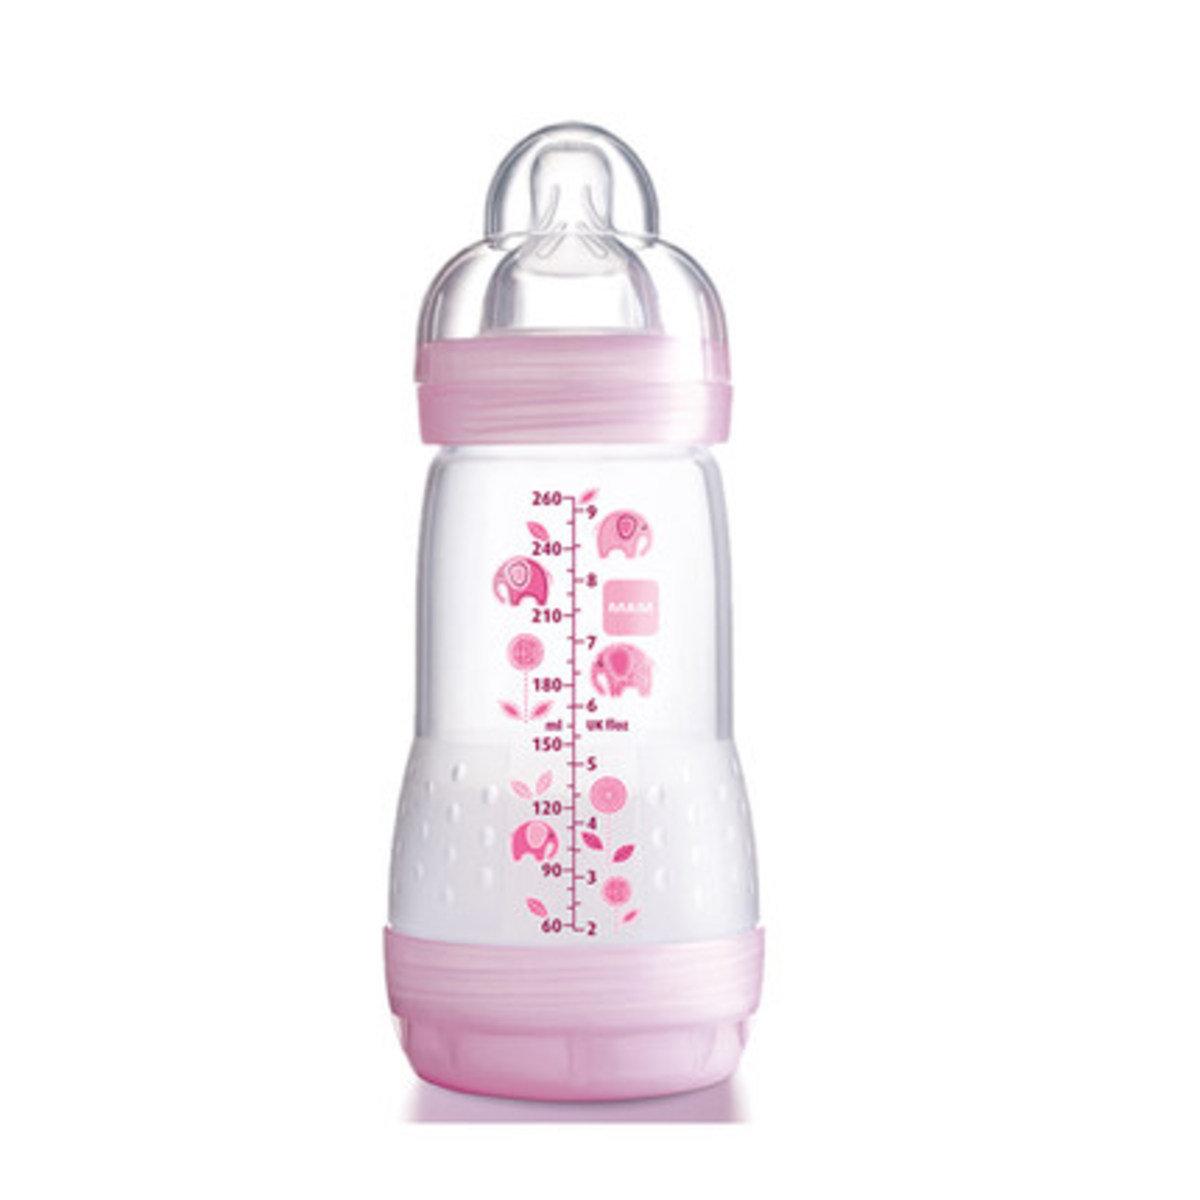 防脹氣奶瓶260ml-粉紅